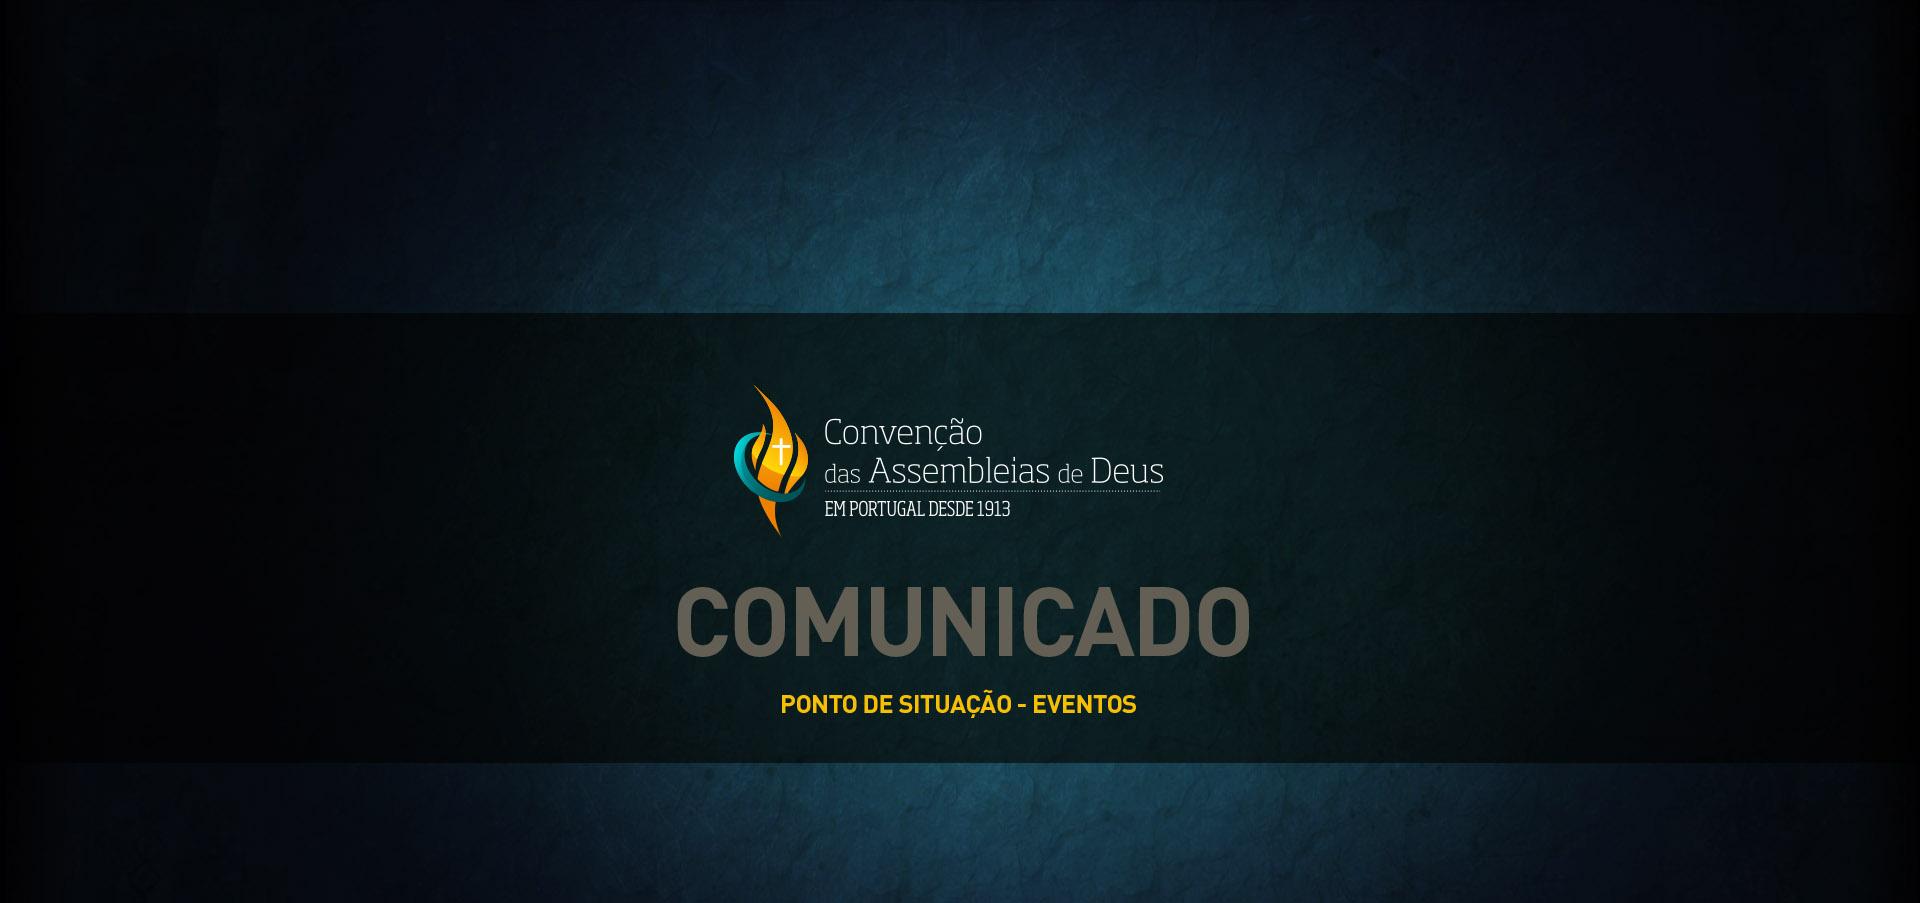 Comunicado – Eventos